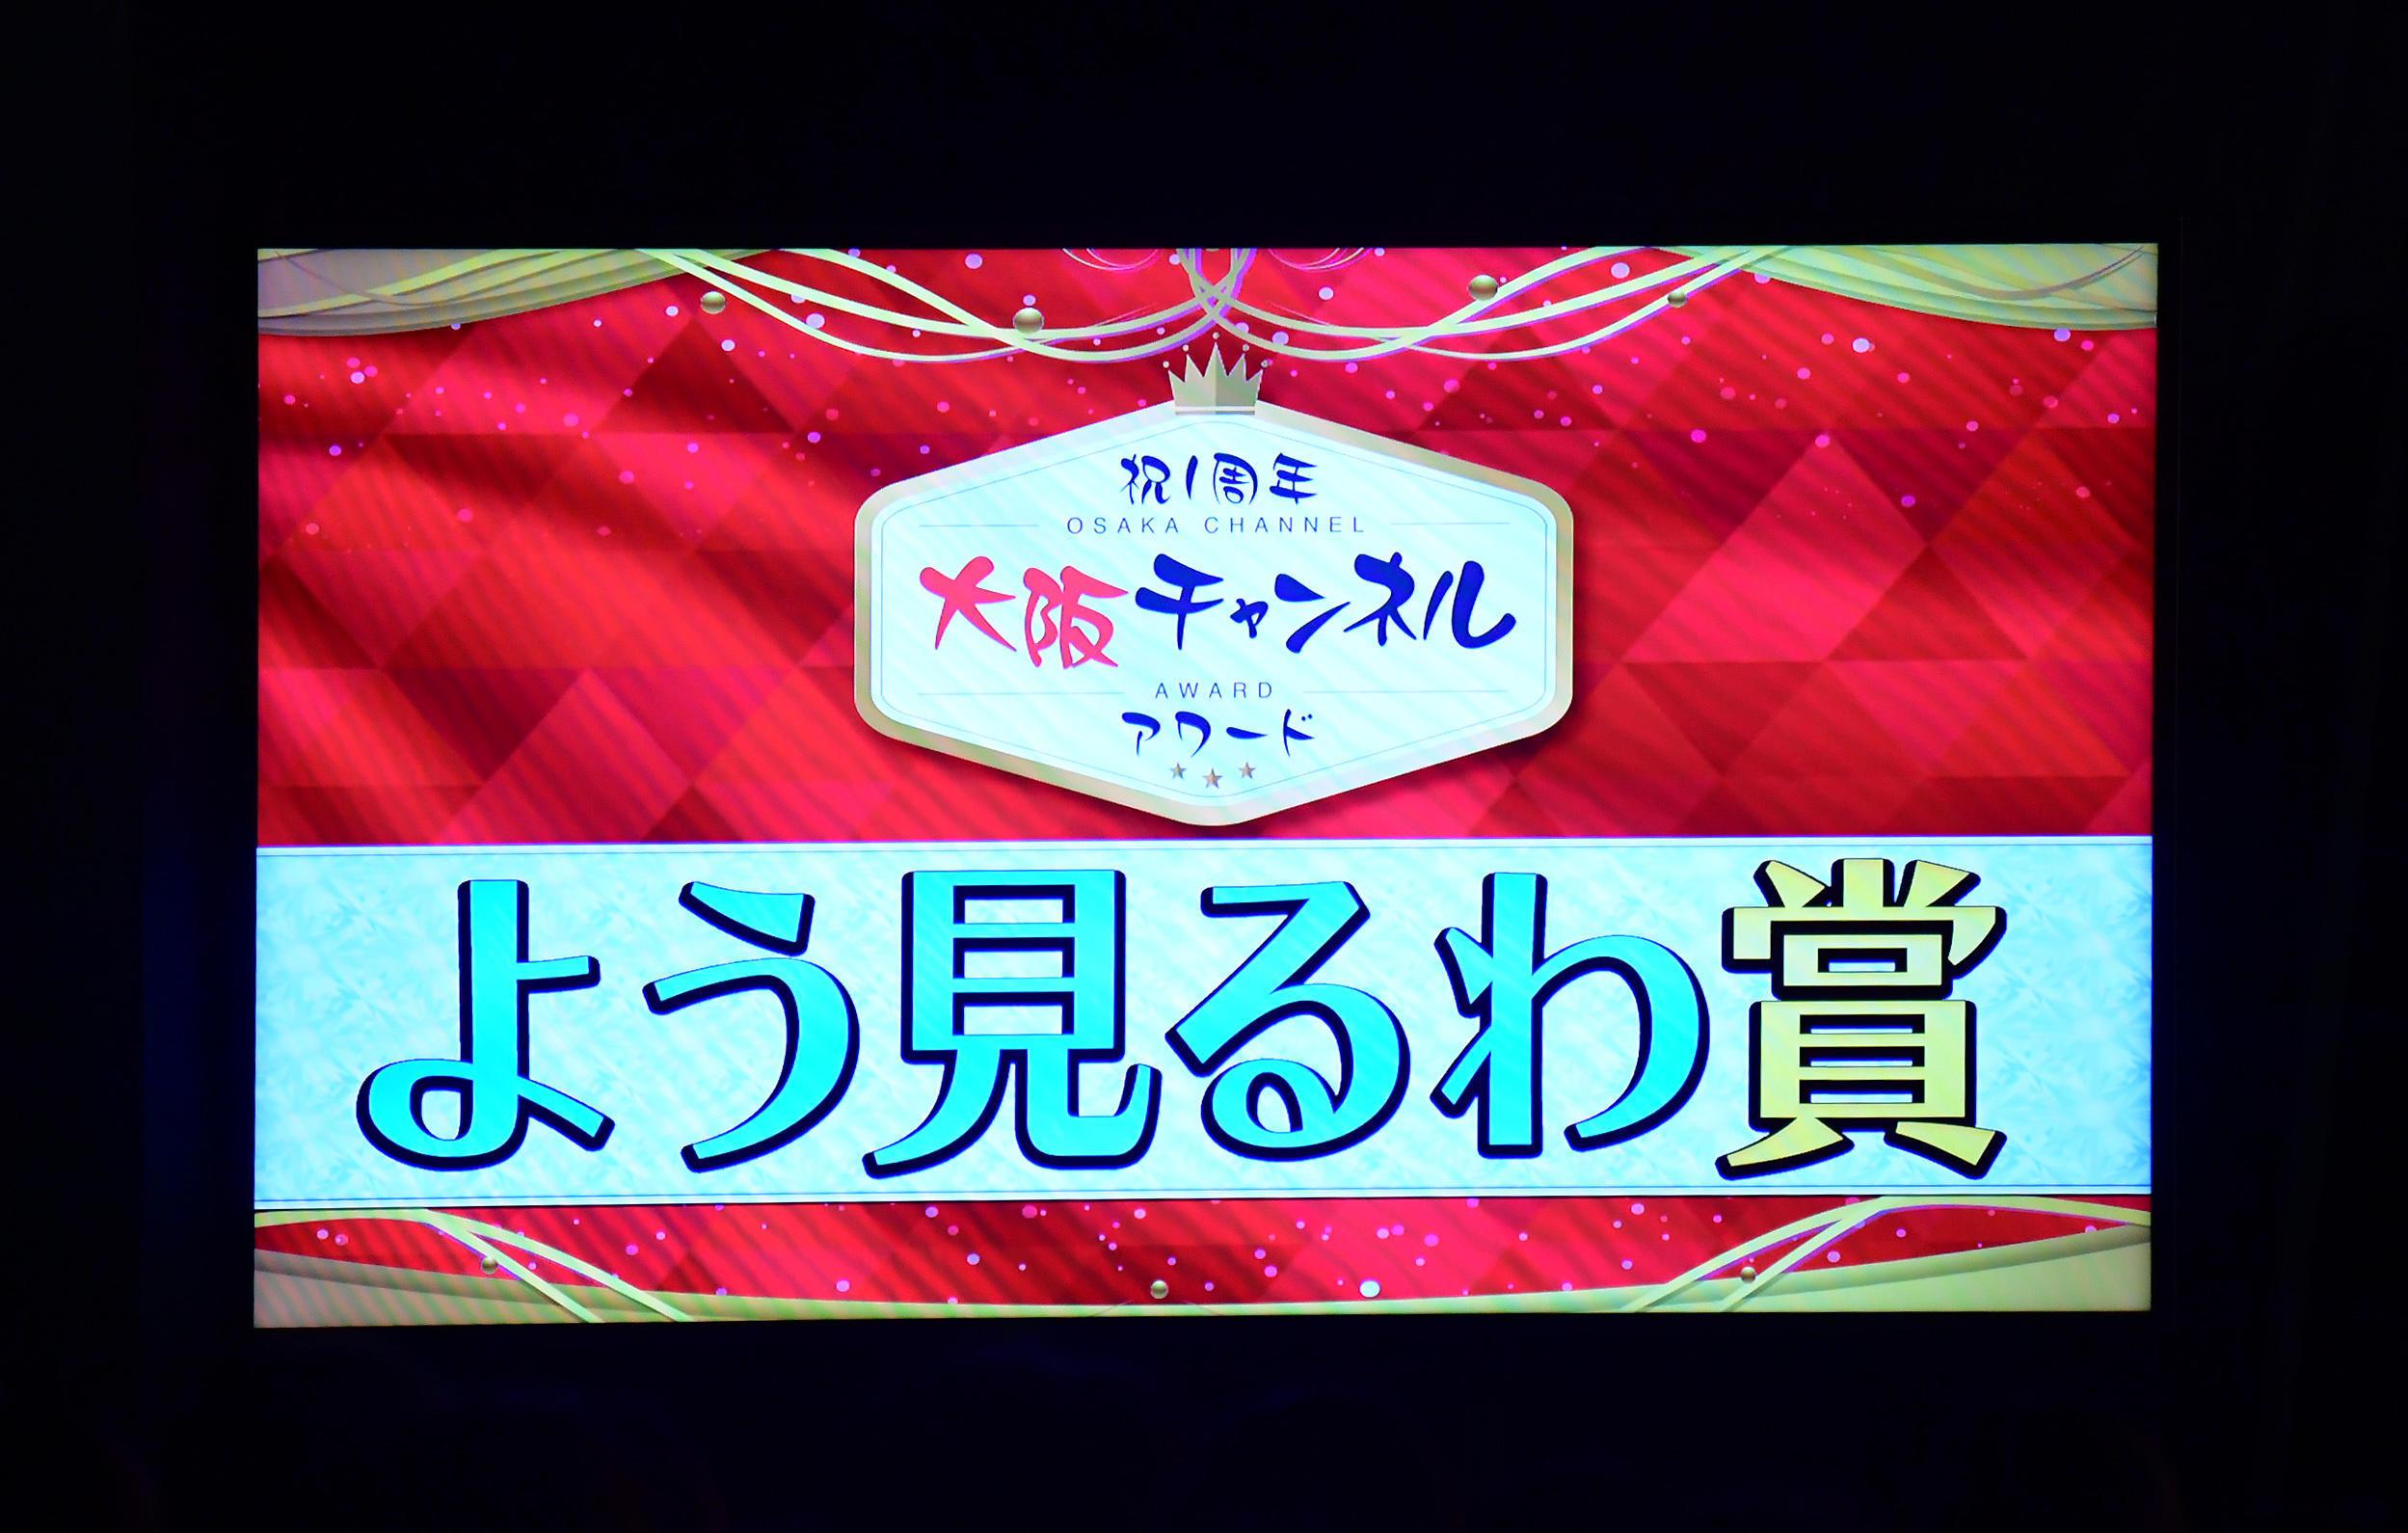 http://news.yoshimoto.co.jp/20180514224116-10a35e26cb97c7226d333ba221d2b32ecd5c4a5d.jpg